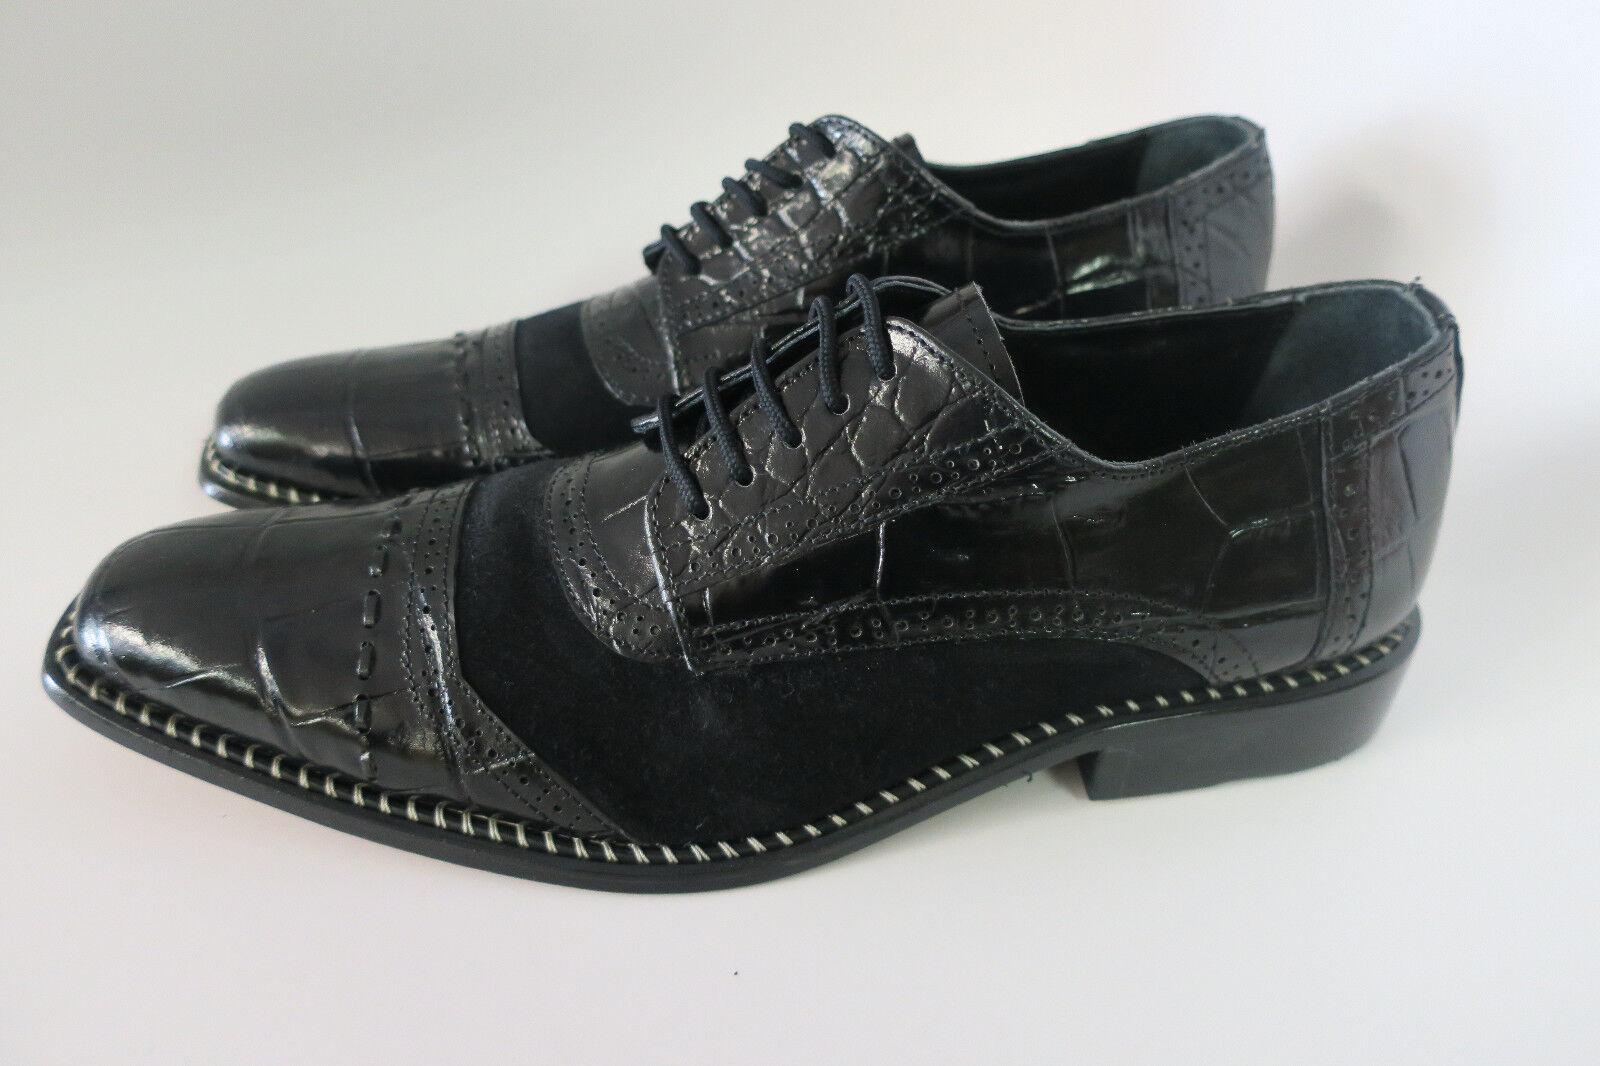 forma unica nero nero nero   nero New Uomo Liberty Leather Liberty 962 scarpe Wing Tips  outlet in vendita